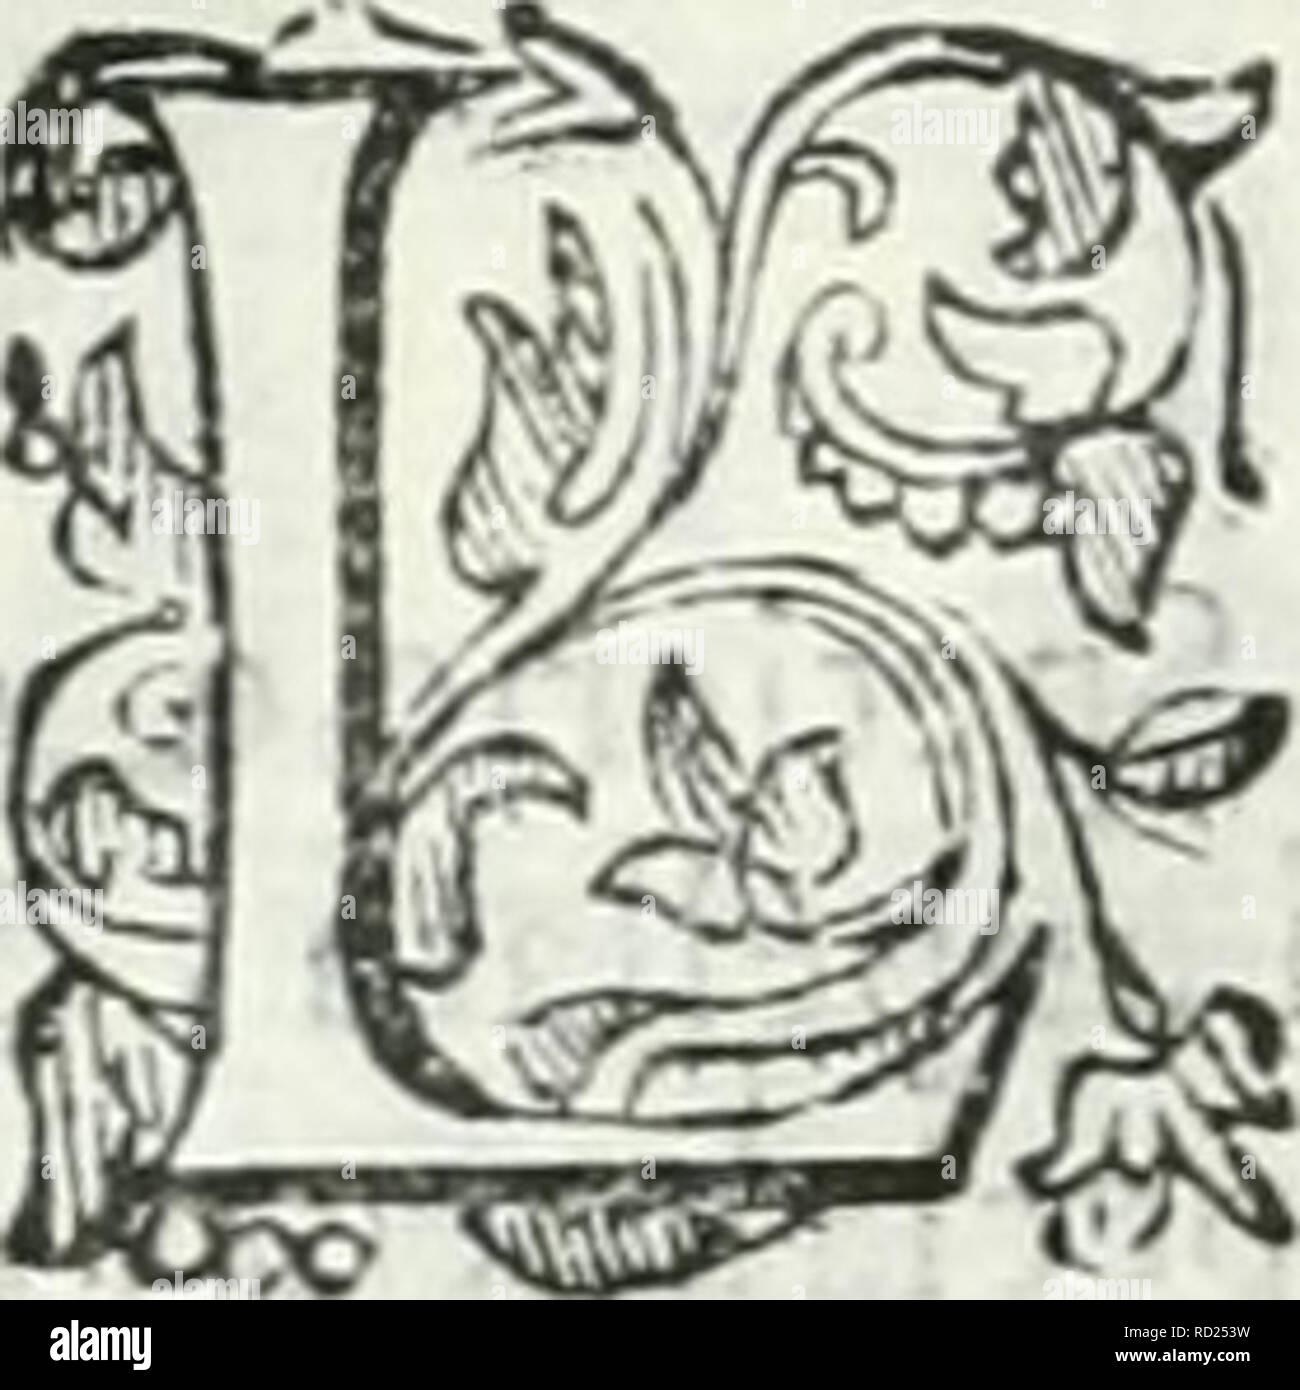 . Dell'elixir vitæ. Elixir of life; Distillation; Alchemy; Medicinal plants; Medicine; Workshop recipes. 6% Dell'Elixir Vitse Adiamo, Calli» tricon, & Poli tricon col Ca- pti Venere lo no vna mecieli- ma coi'a . Quii ira, e virtù del Capei vene re. i'ar:i del corpo, sthe prenderlo .rimedio dal ca- pti venere, go- h, > ilnca, p<r- roVe polmone . Al fla^o del cor pò fi di il capei venere. TI Cardo fanto, carjq benedet to anche è no- minato . Cnico,& Arrra- rife che cola_, fiano. Ridice del Car do fanto à nulla ginua.' Ridicola più co Ilo che vera vir tu dej Cardo sa to ⢠Con Stock Photo